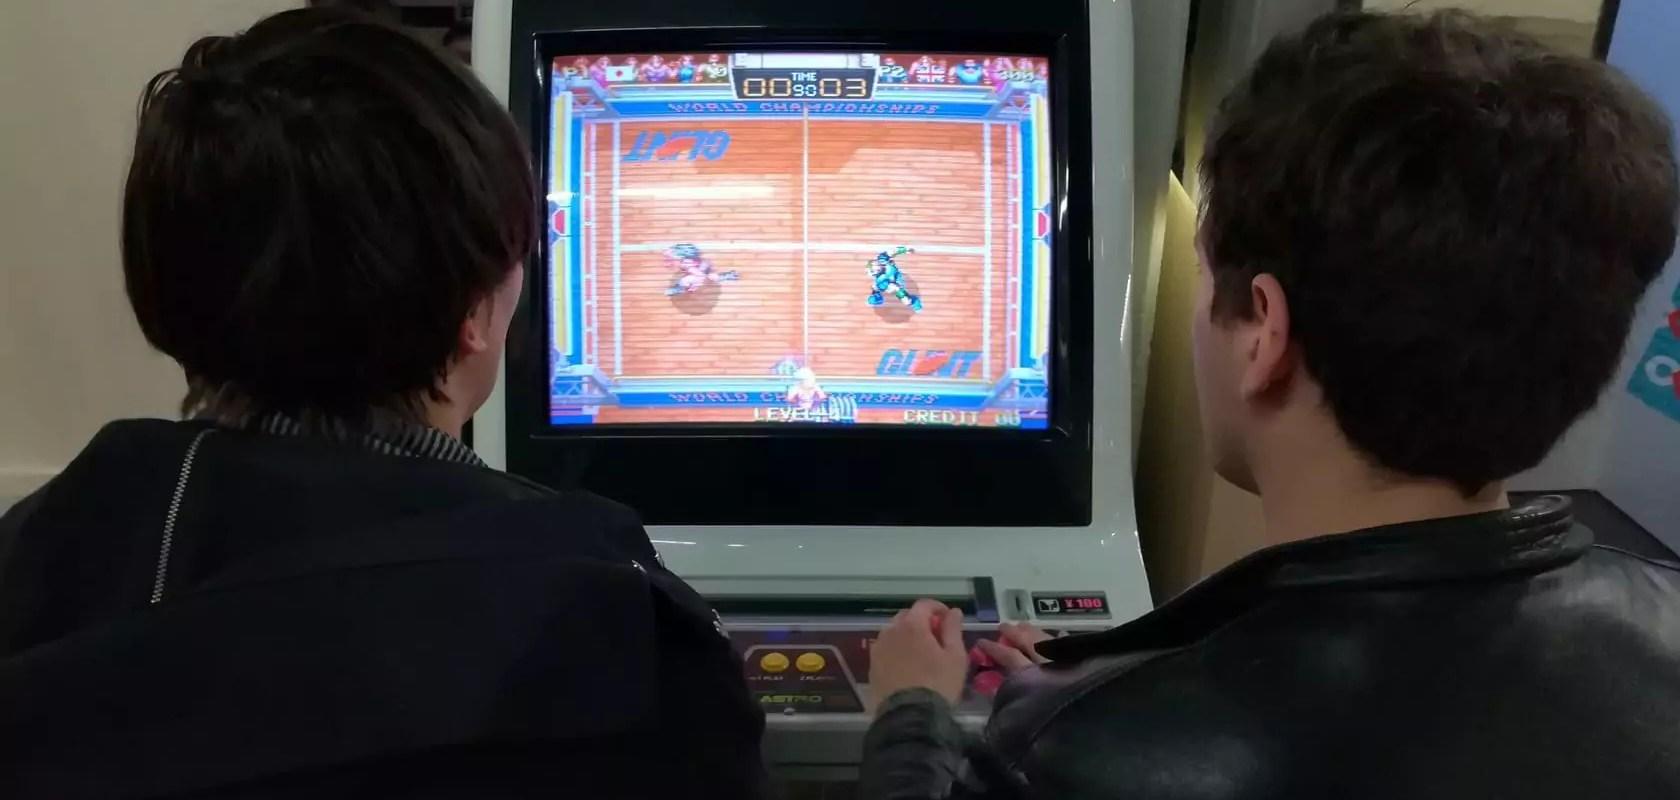 Au Shadok, les jeux vidéos indépendants s'exposent pour sortir de l'ombre